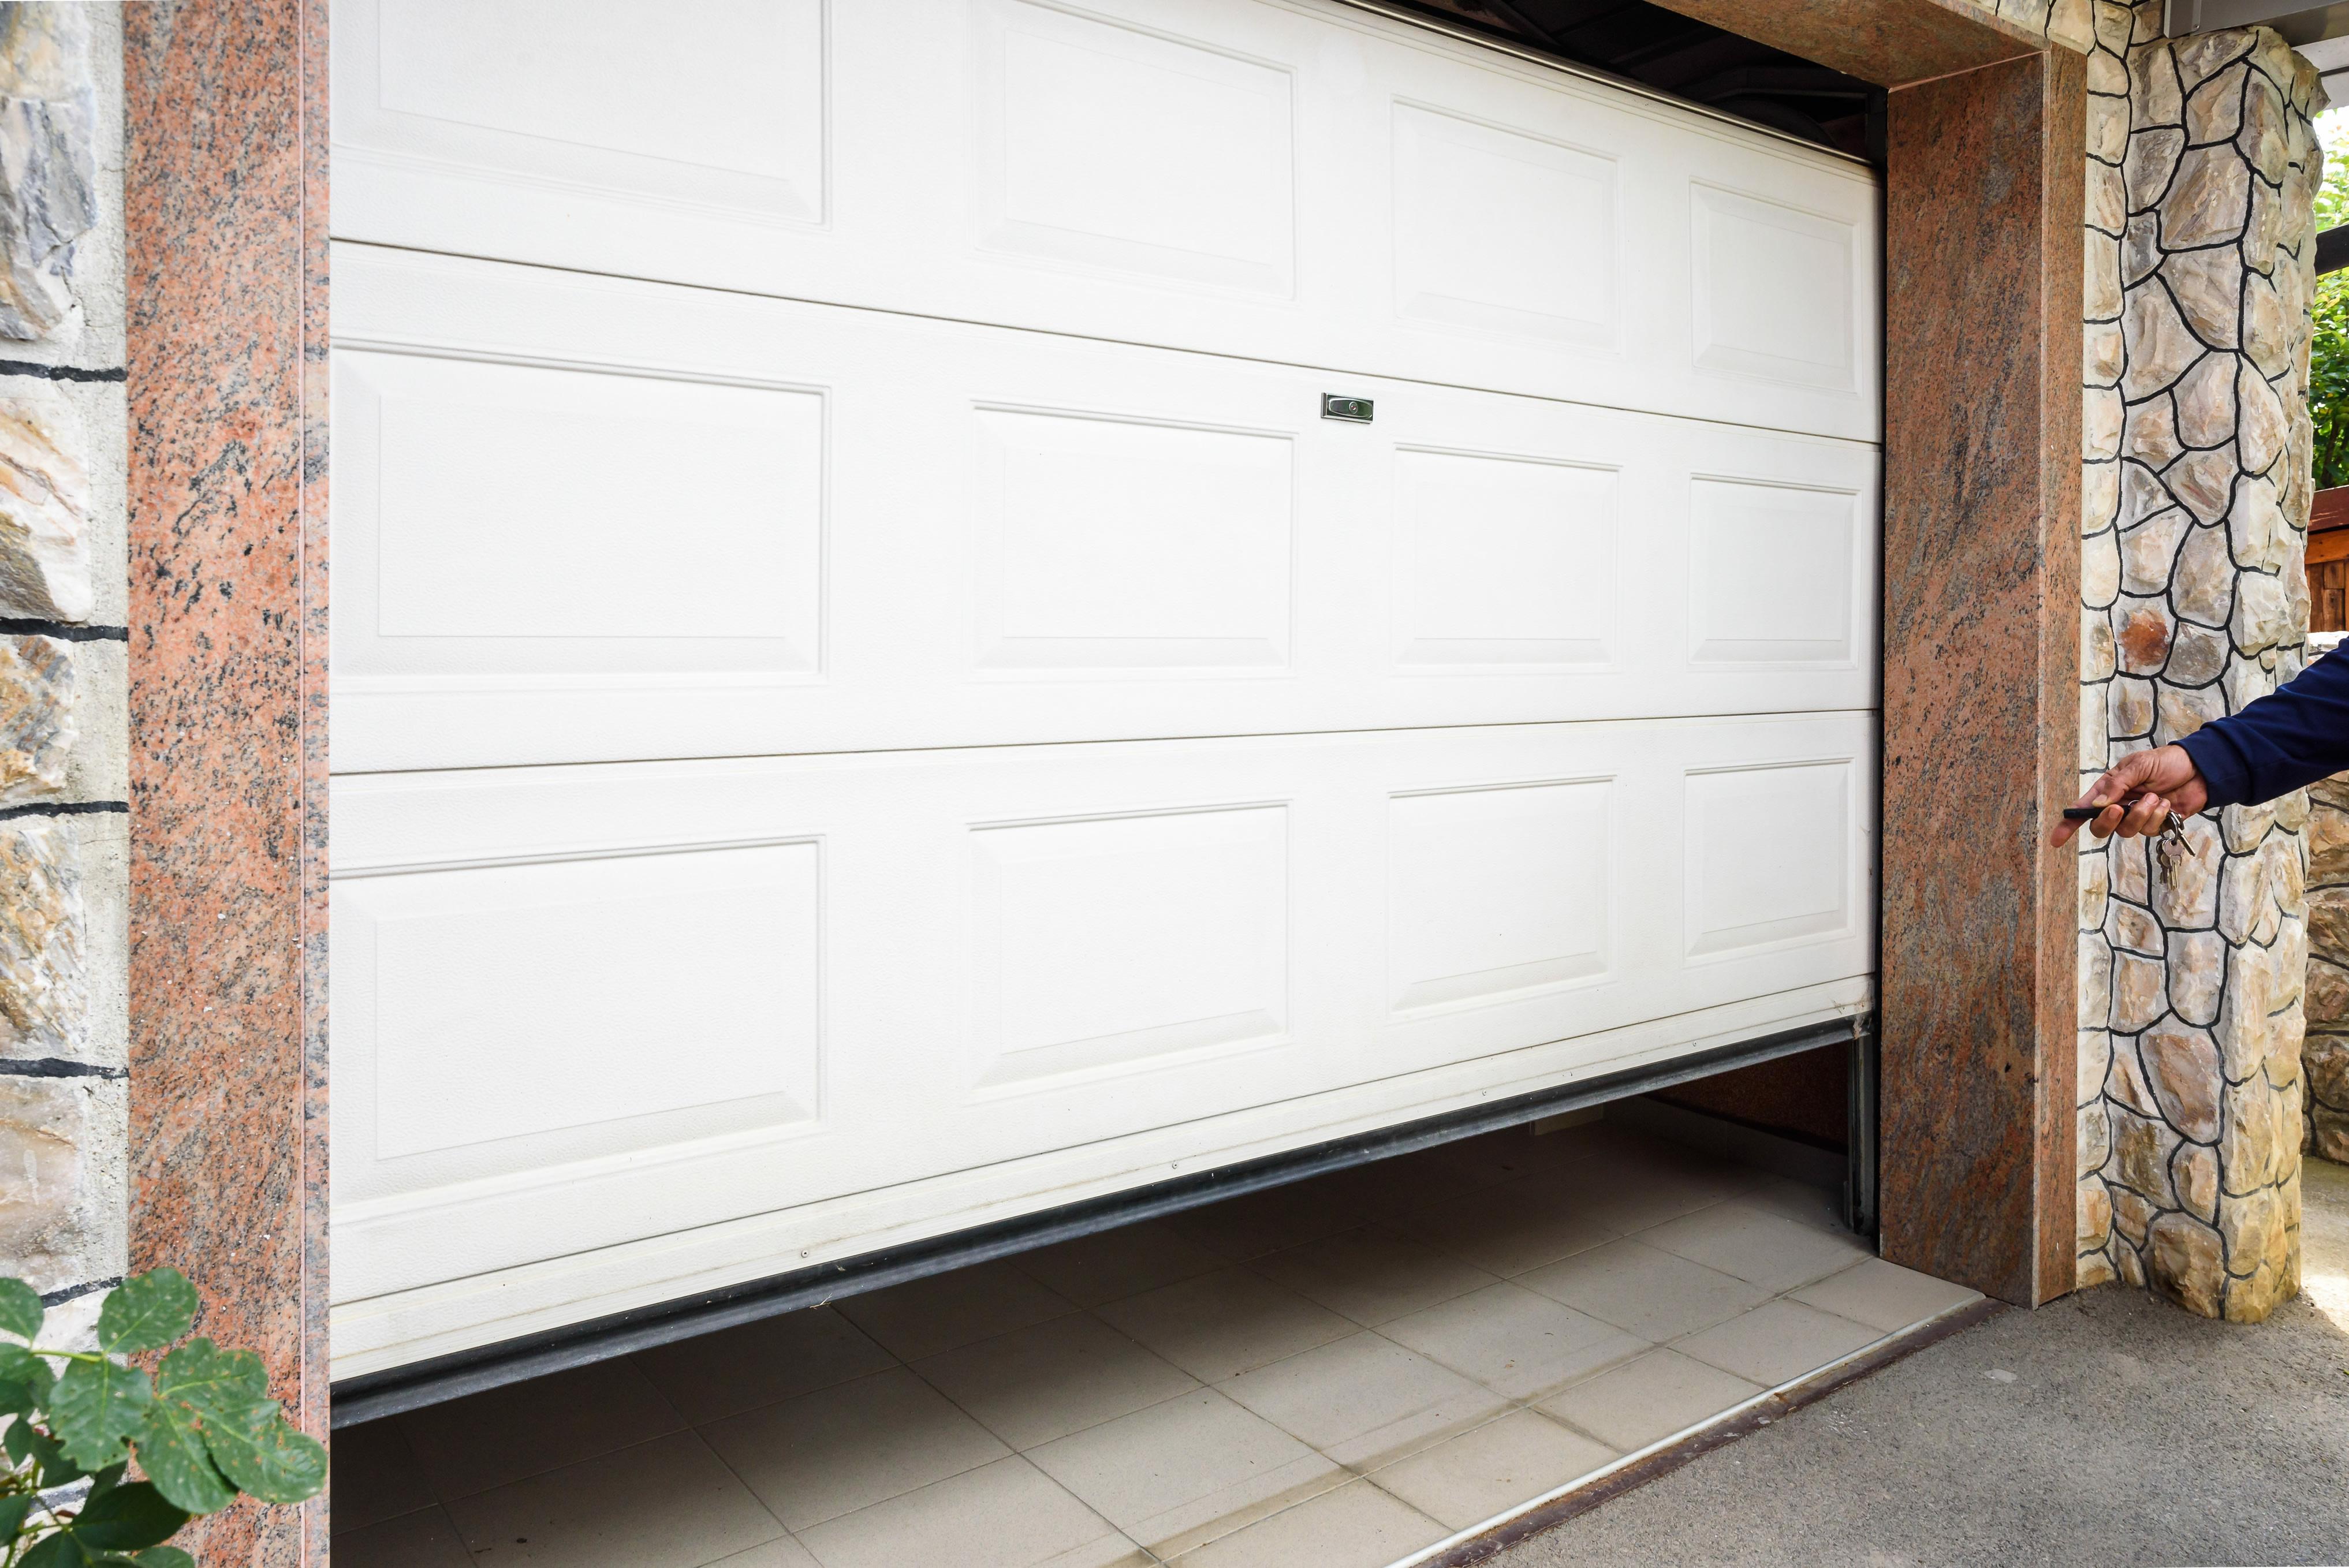 Garage Door Slightly Open As Homeowner Aims An Opener Remote At The Door.